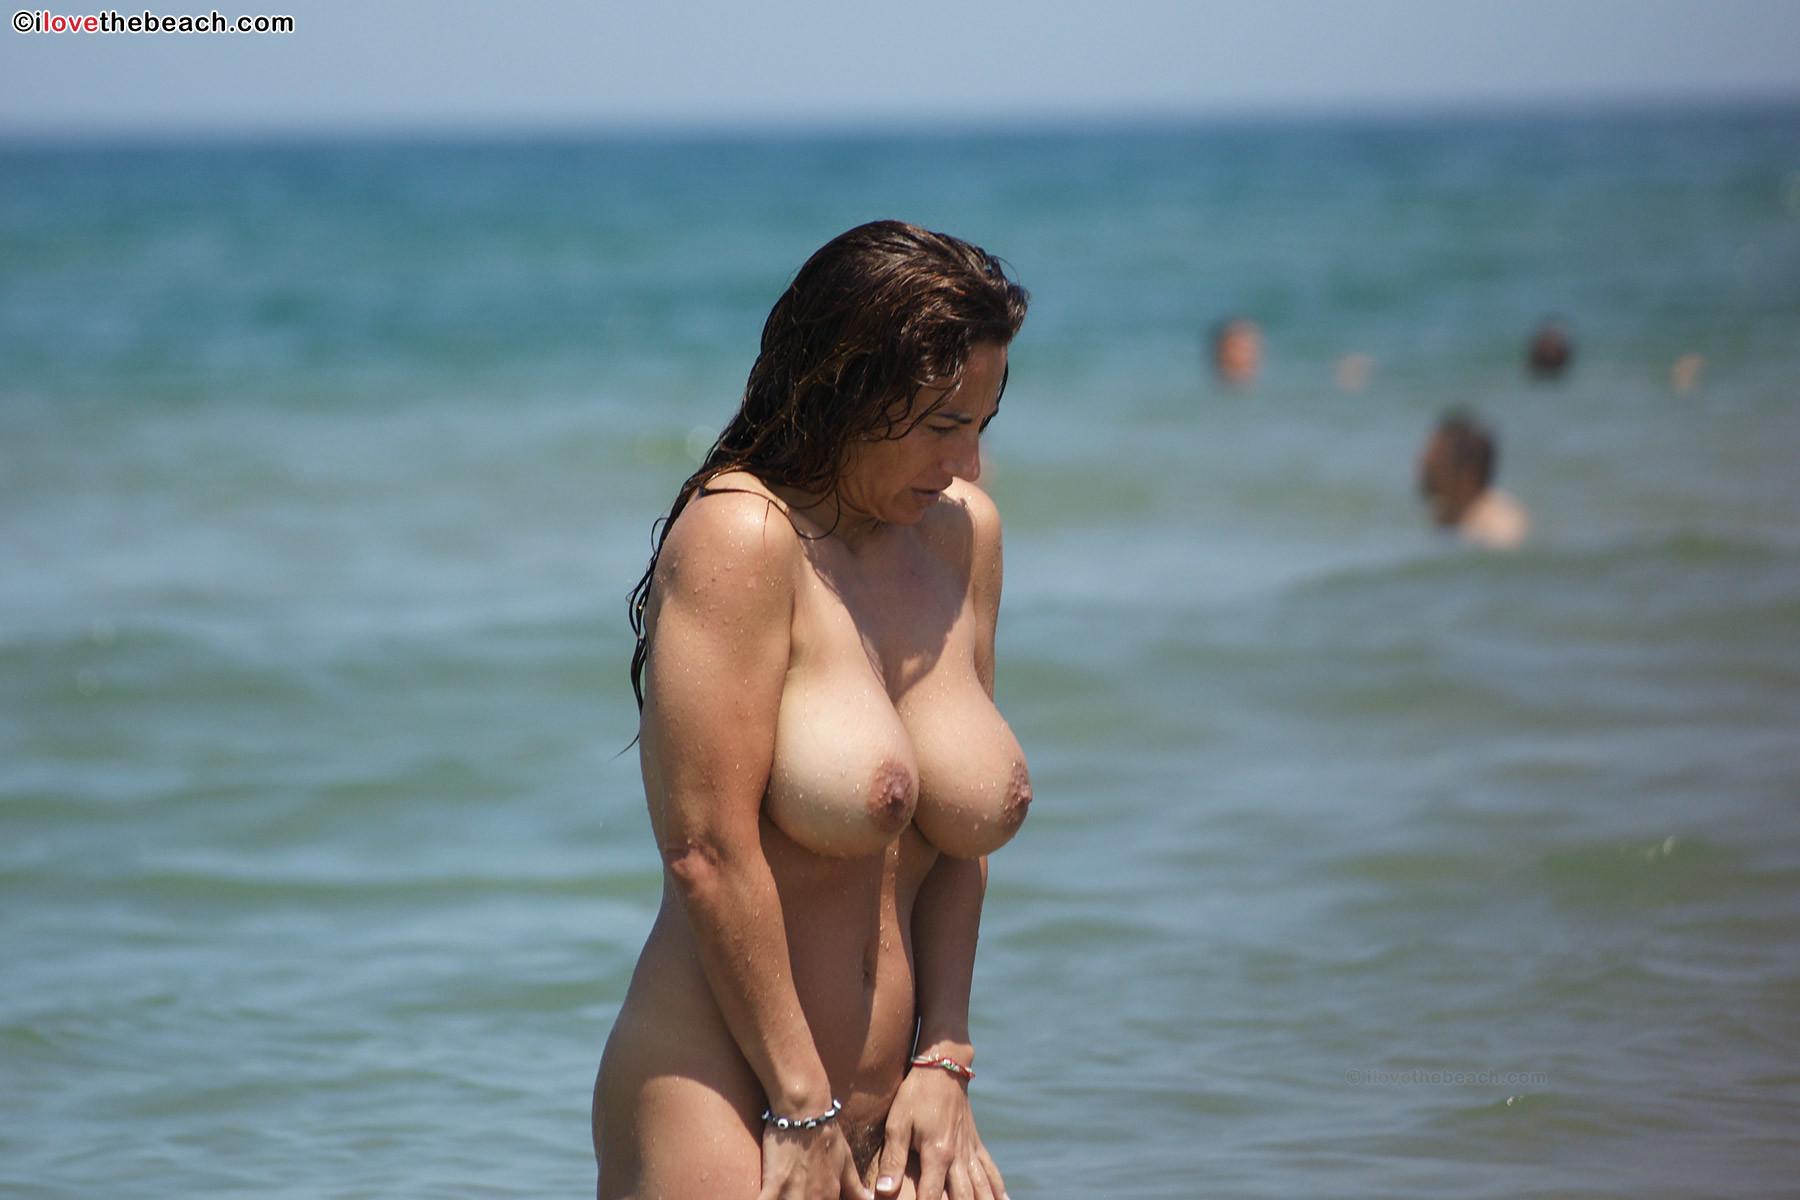 Фото голых на пляжах с большими сиськами бесплатно, Голые девушки с большой грудью на пляже 11 фотография